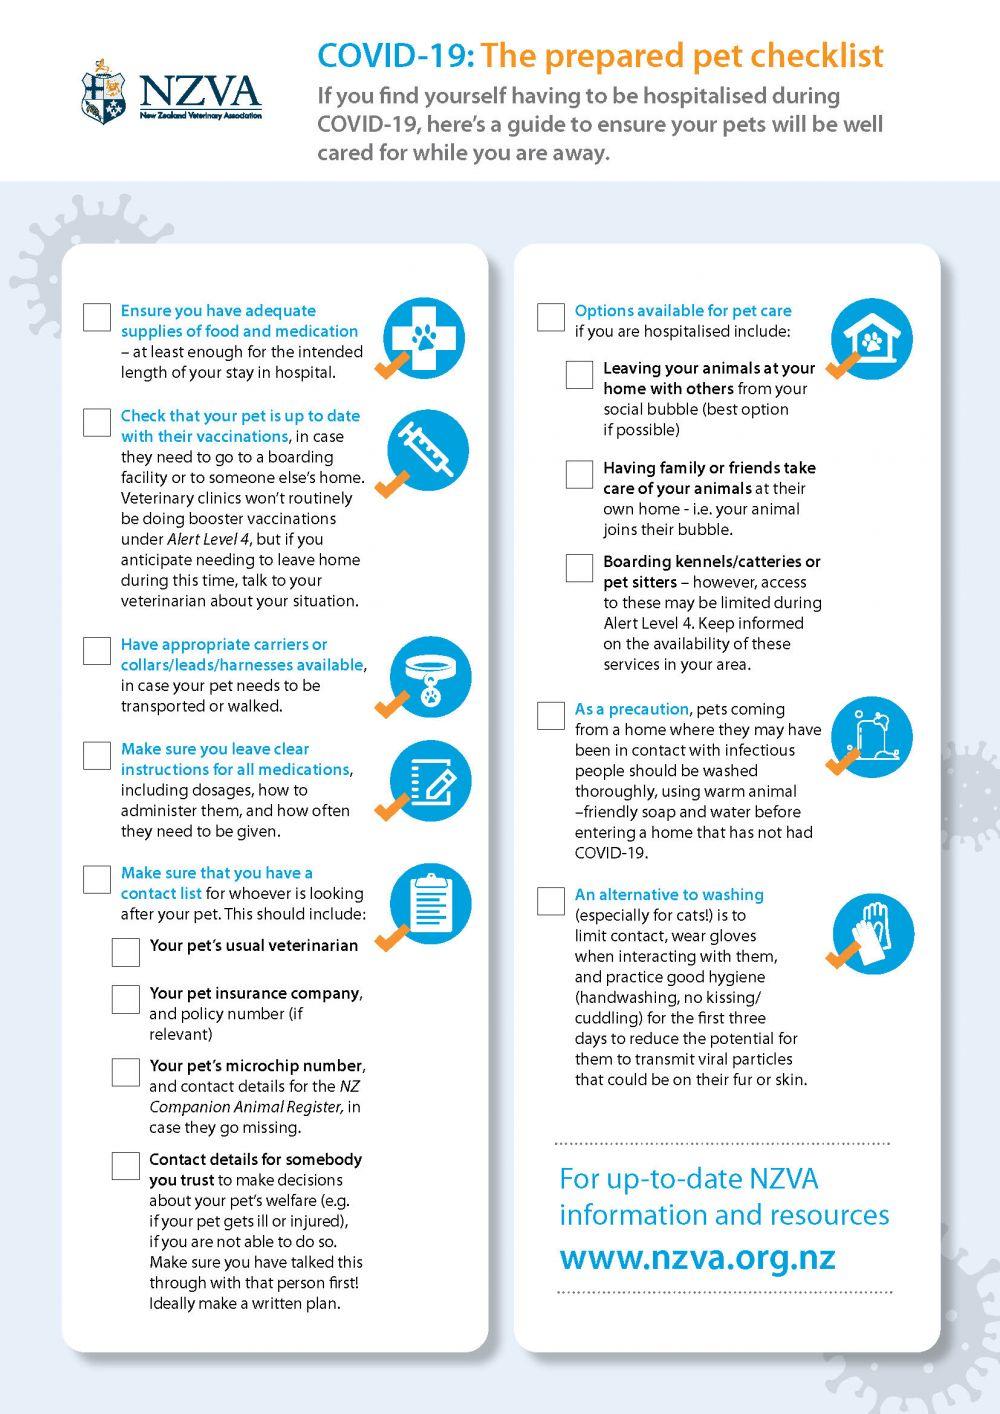 COVID-19: The Prepared Pet Checklist